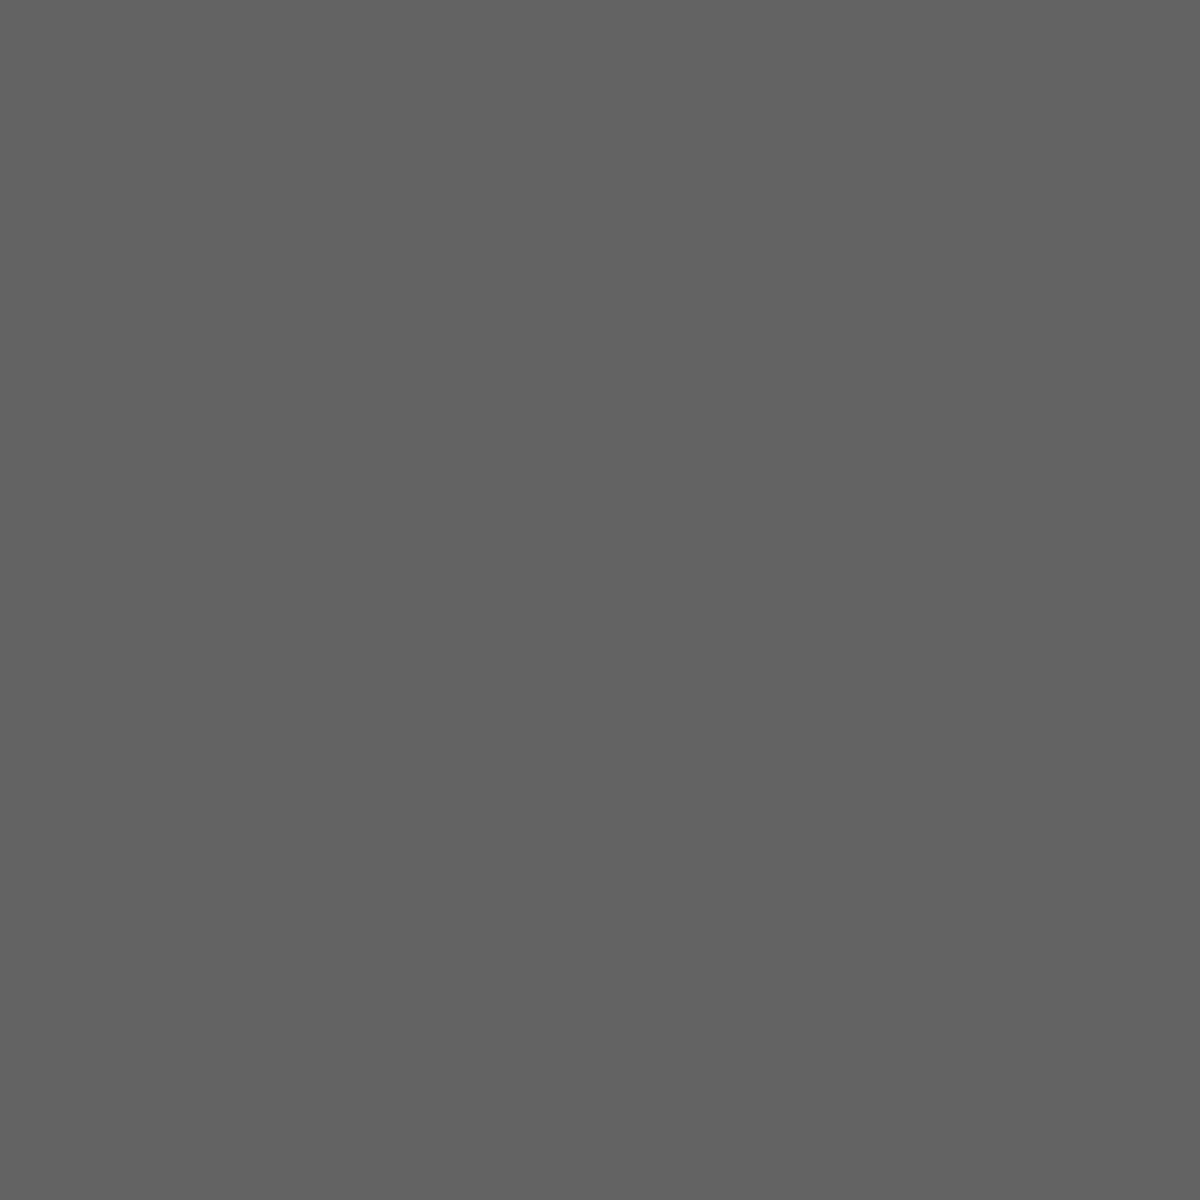 Prix Feuille Stratifié Formica stratifié hpl colors hgp anthracite f7912 mat matte 58 305x130cm 0,7mm